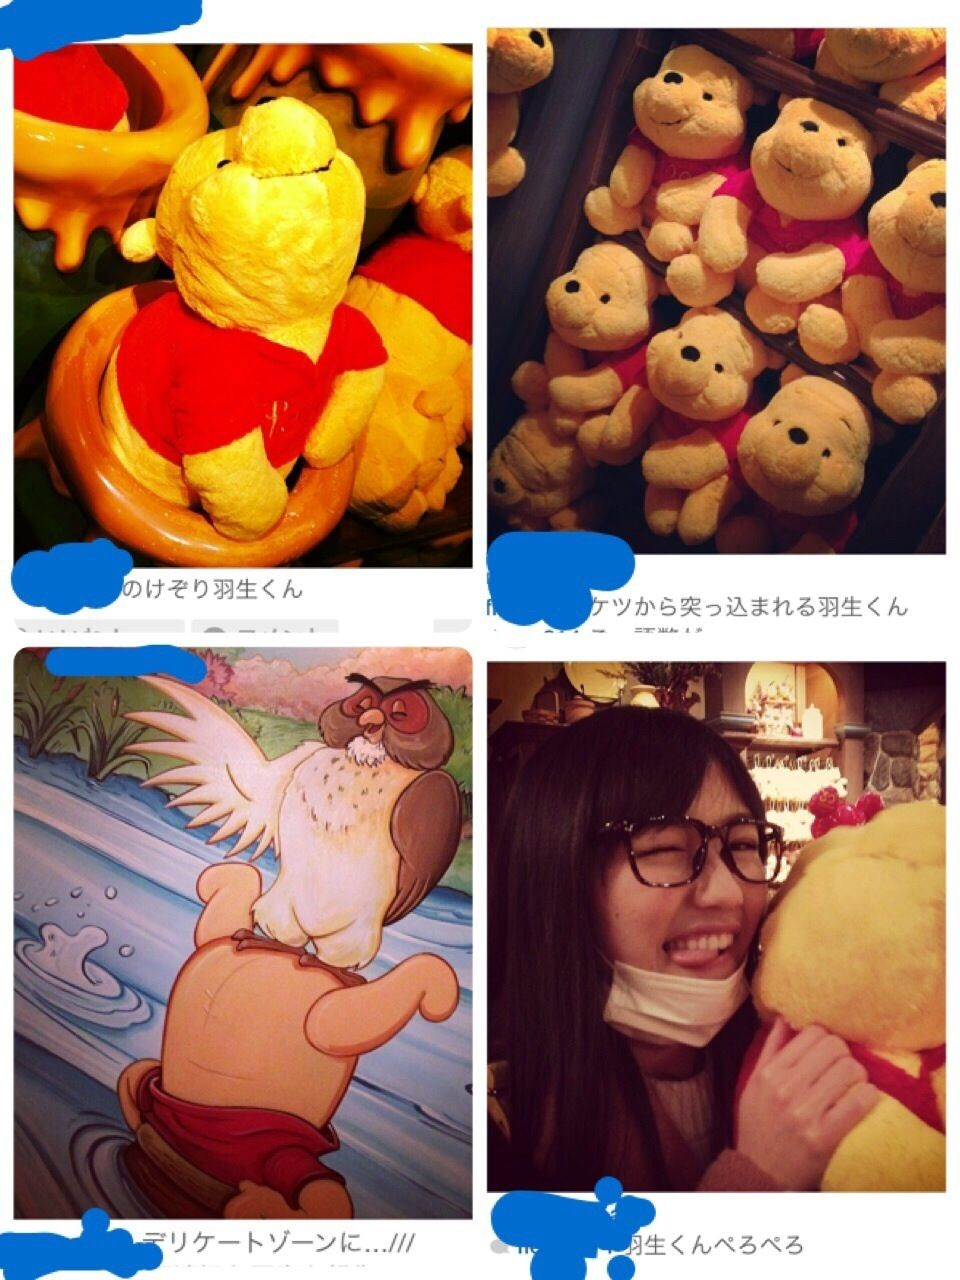 http://livedoor.blogimg.jp/hellopro2ch/imgs/1/1/11d3b911.jpg